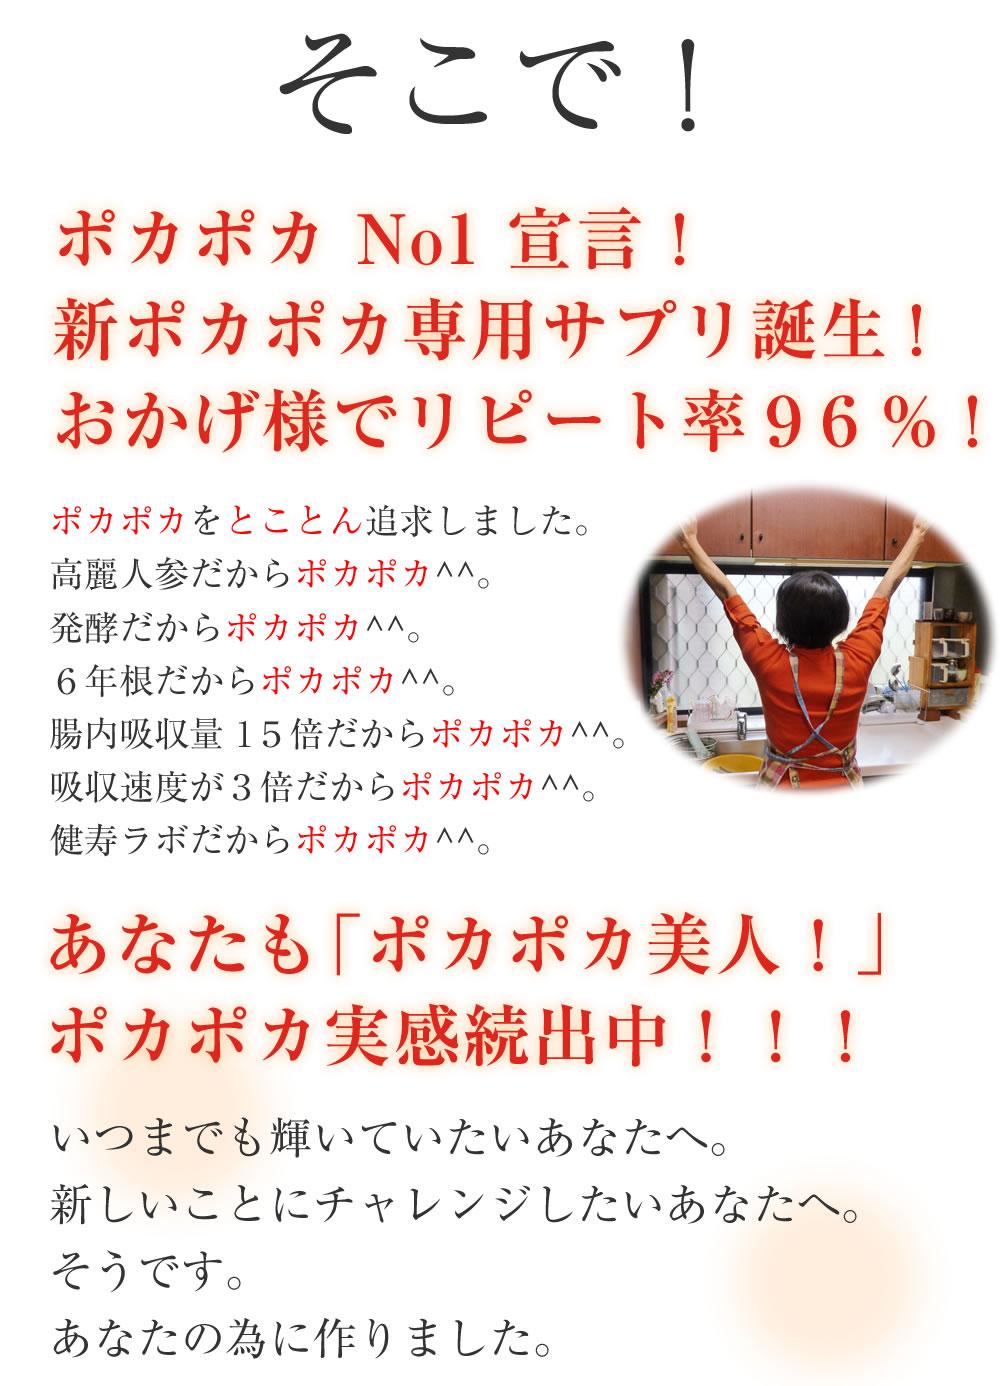 ポカポカ No1 宣言! 新ポカポカ専用サプリ誕生!おかげ様でリピート率96%!